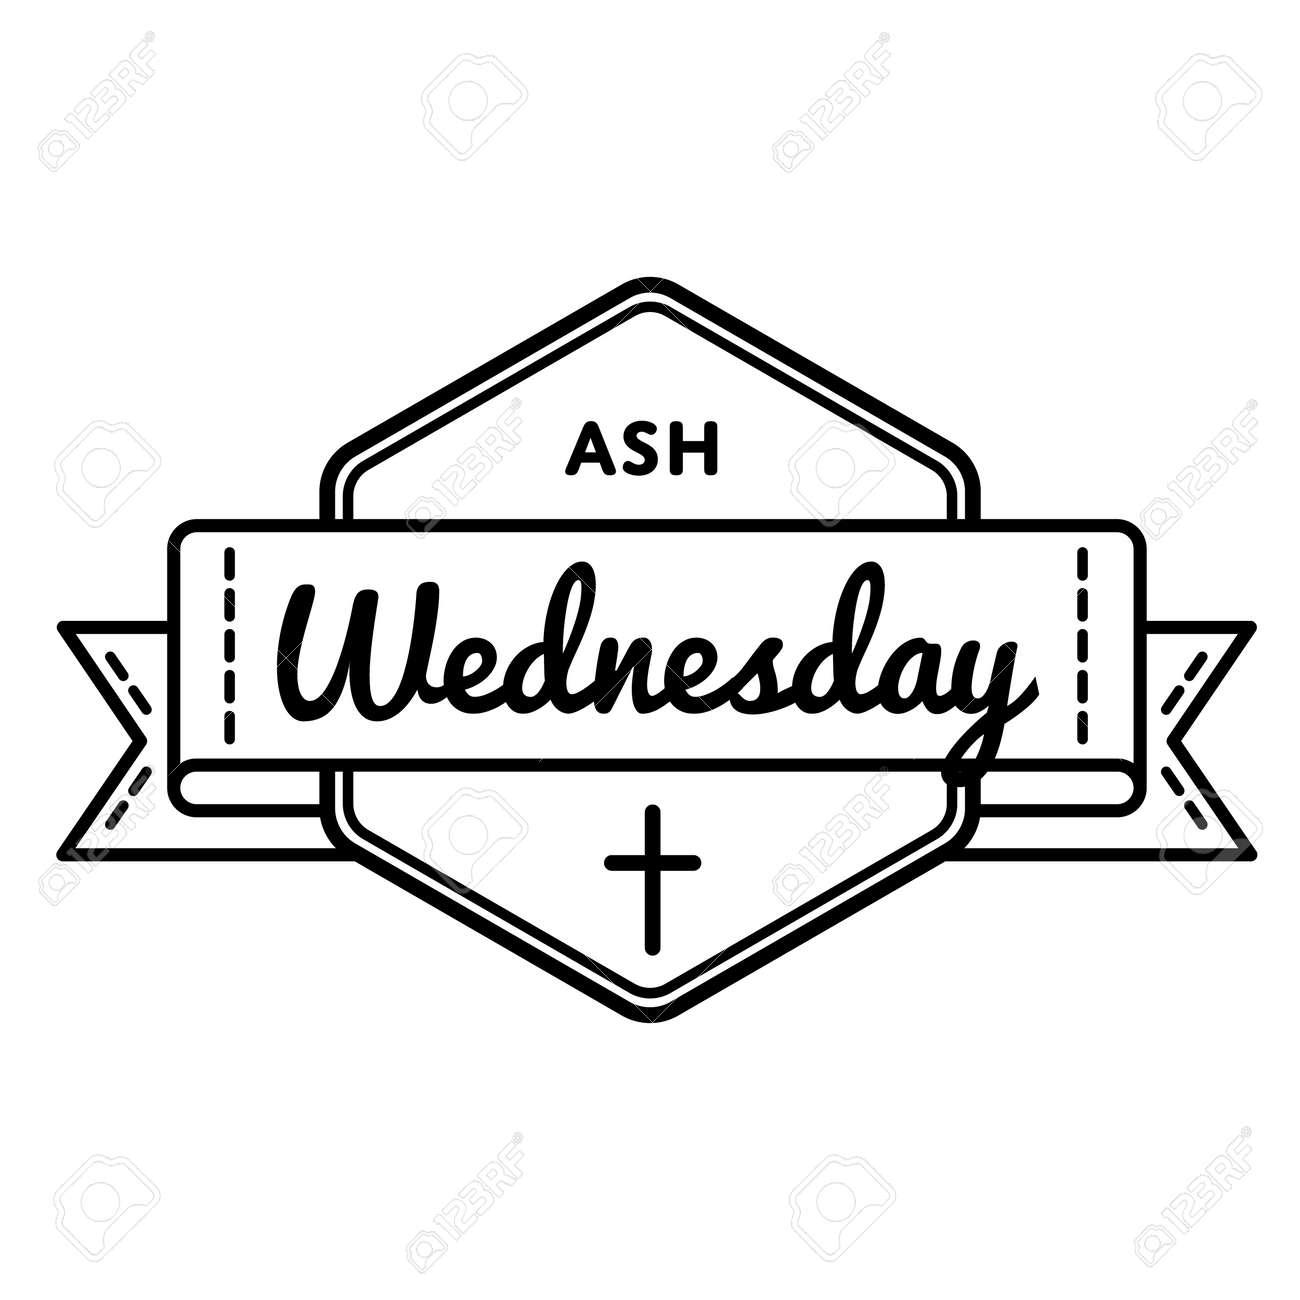 Catholic Ash Wednesday Greeting Emblem Royalty Free Cliparts